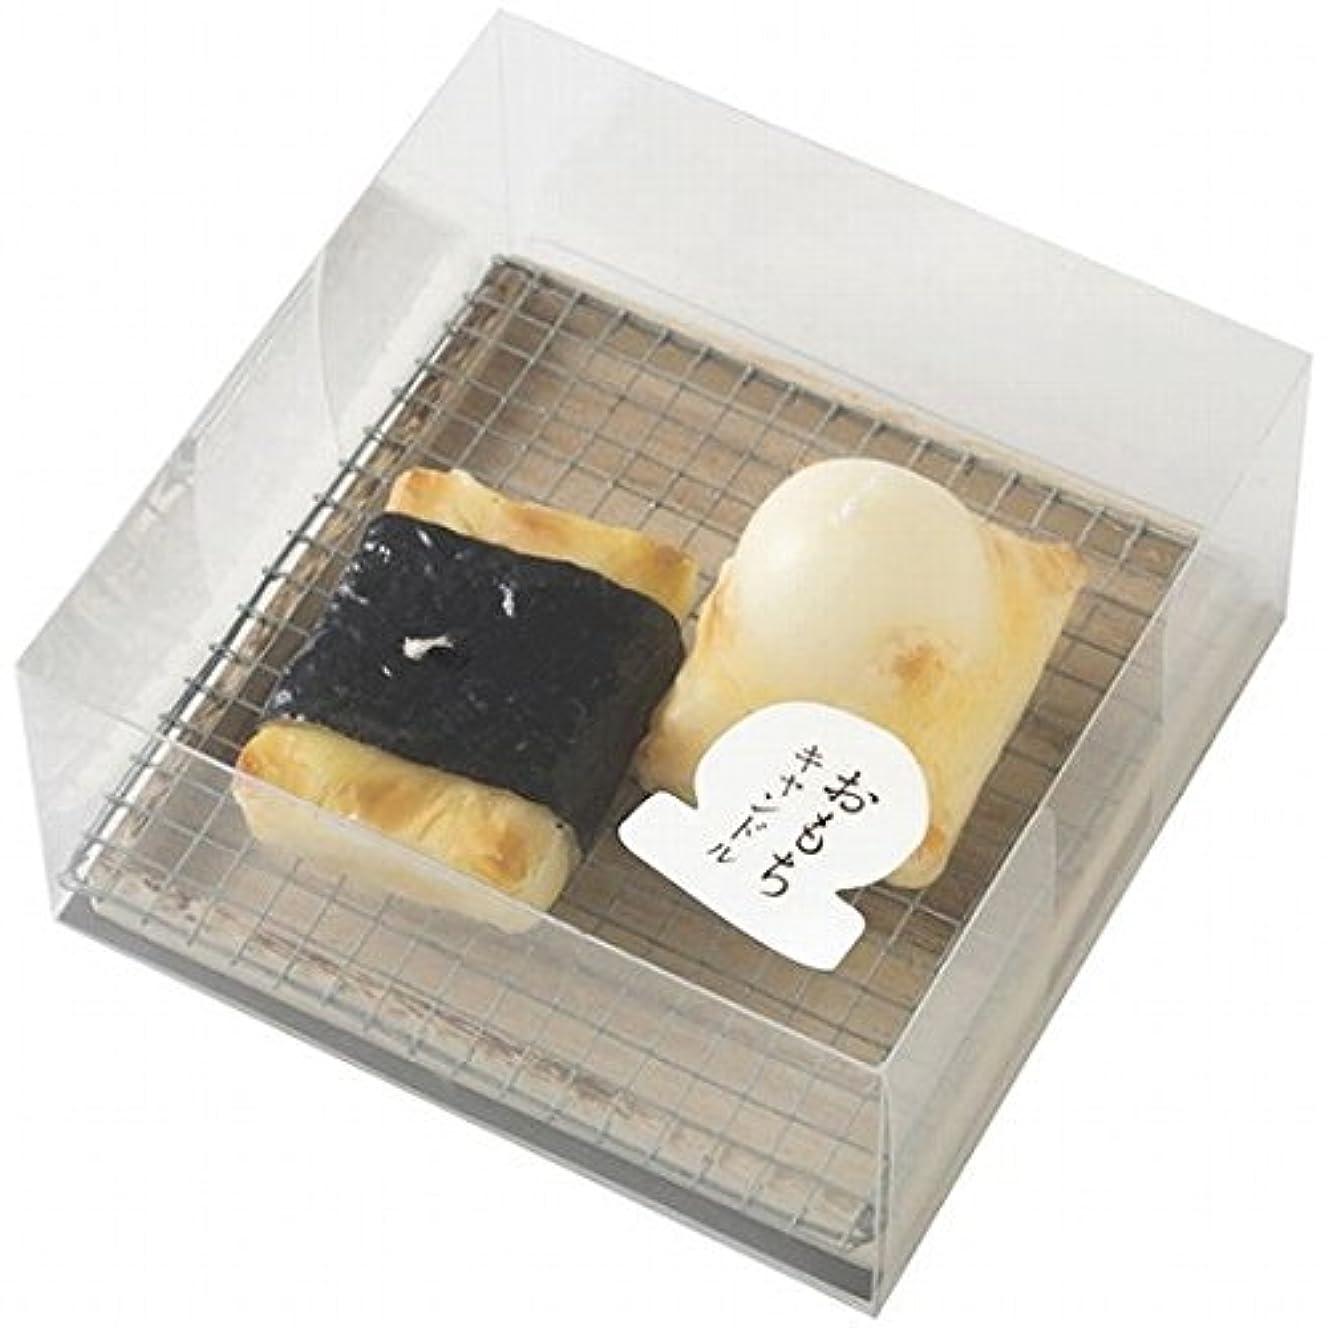 キャンペーンカブ不機嫌カメヤマキャンドル(kameyama candle) おもちキャンドル